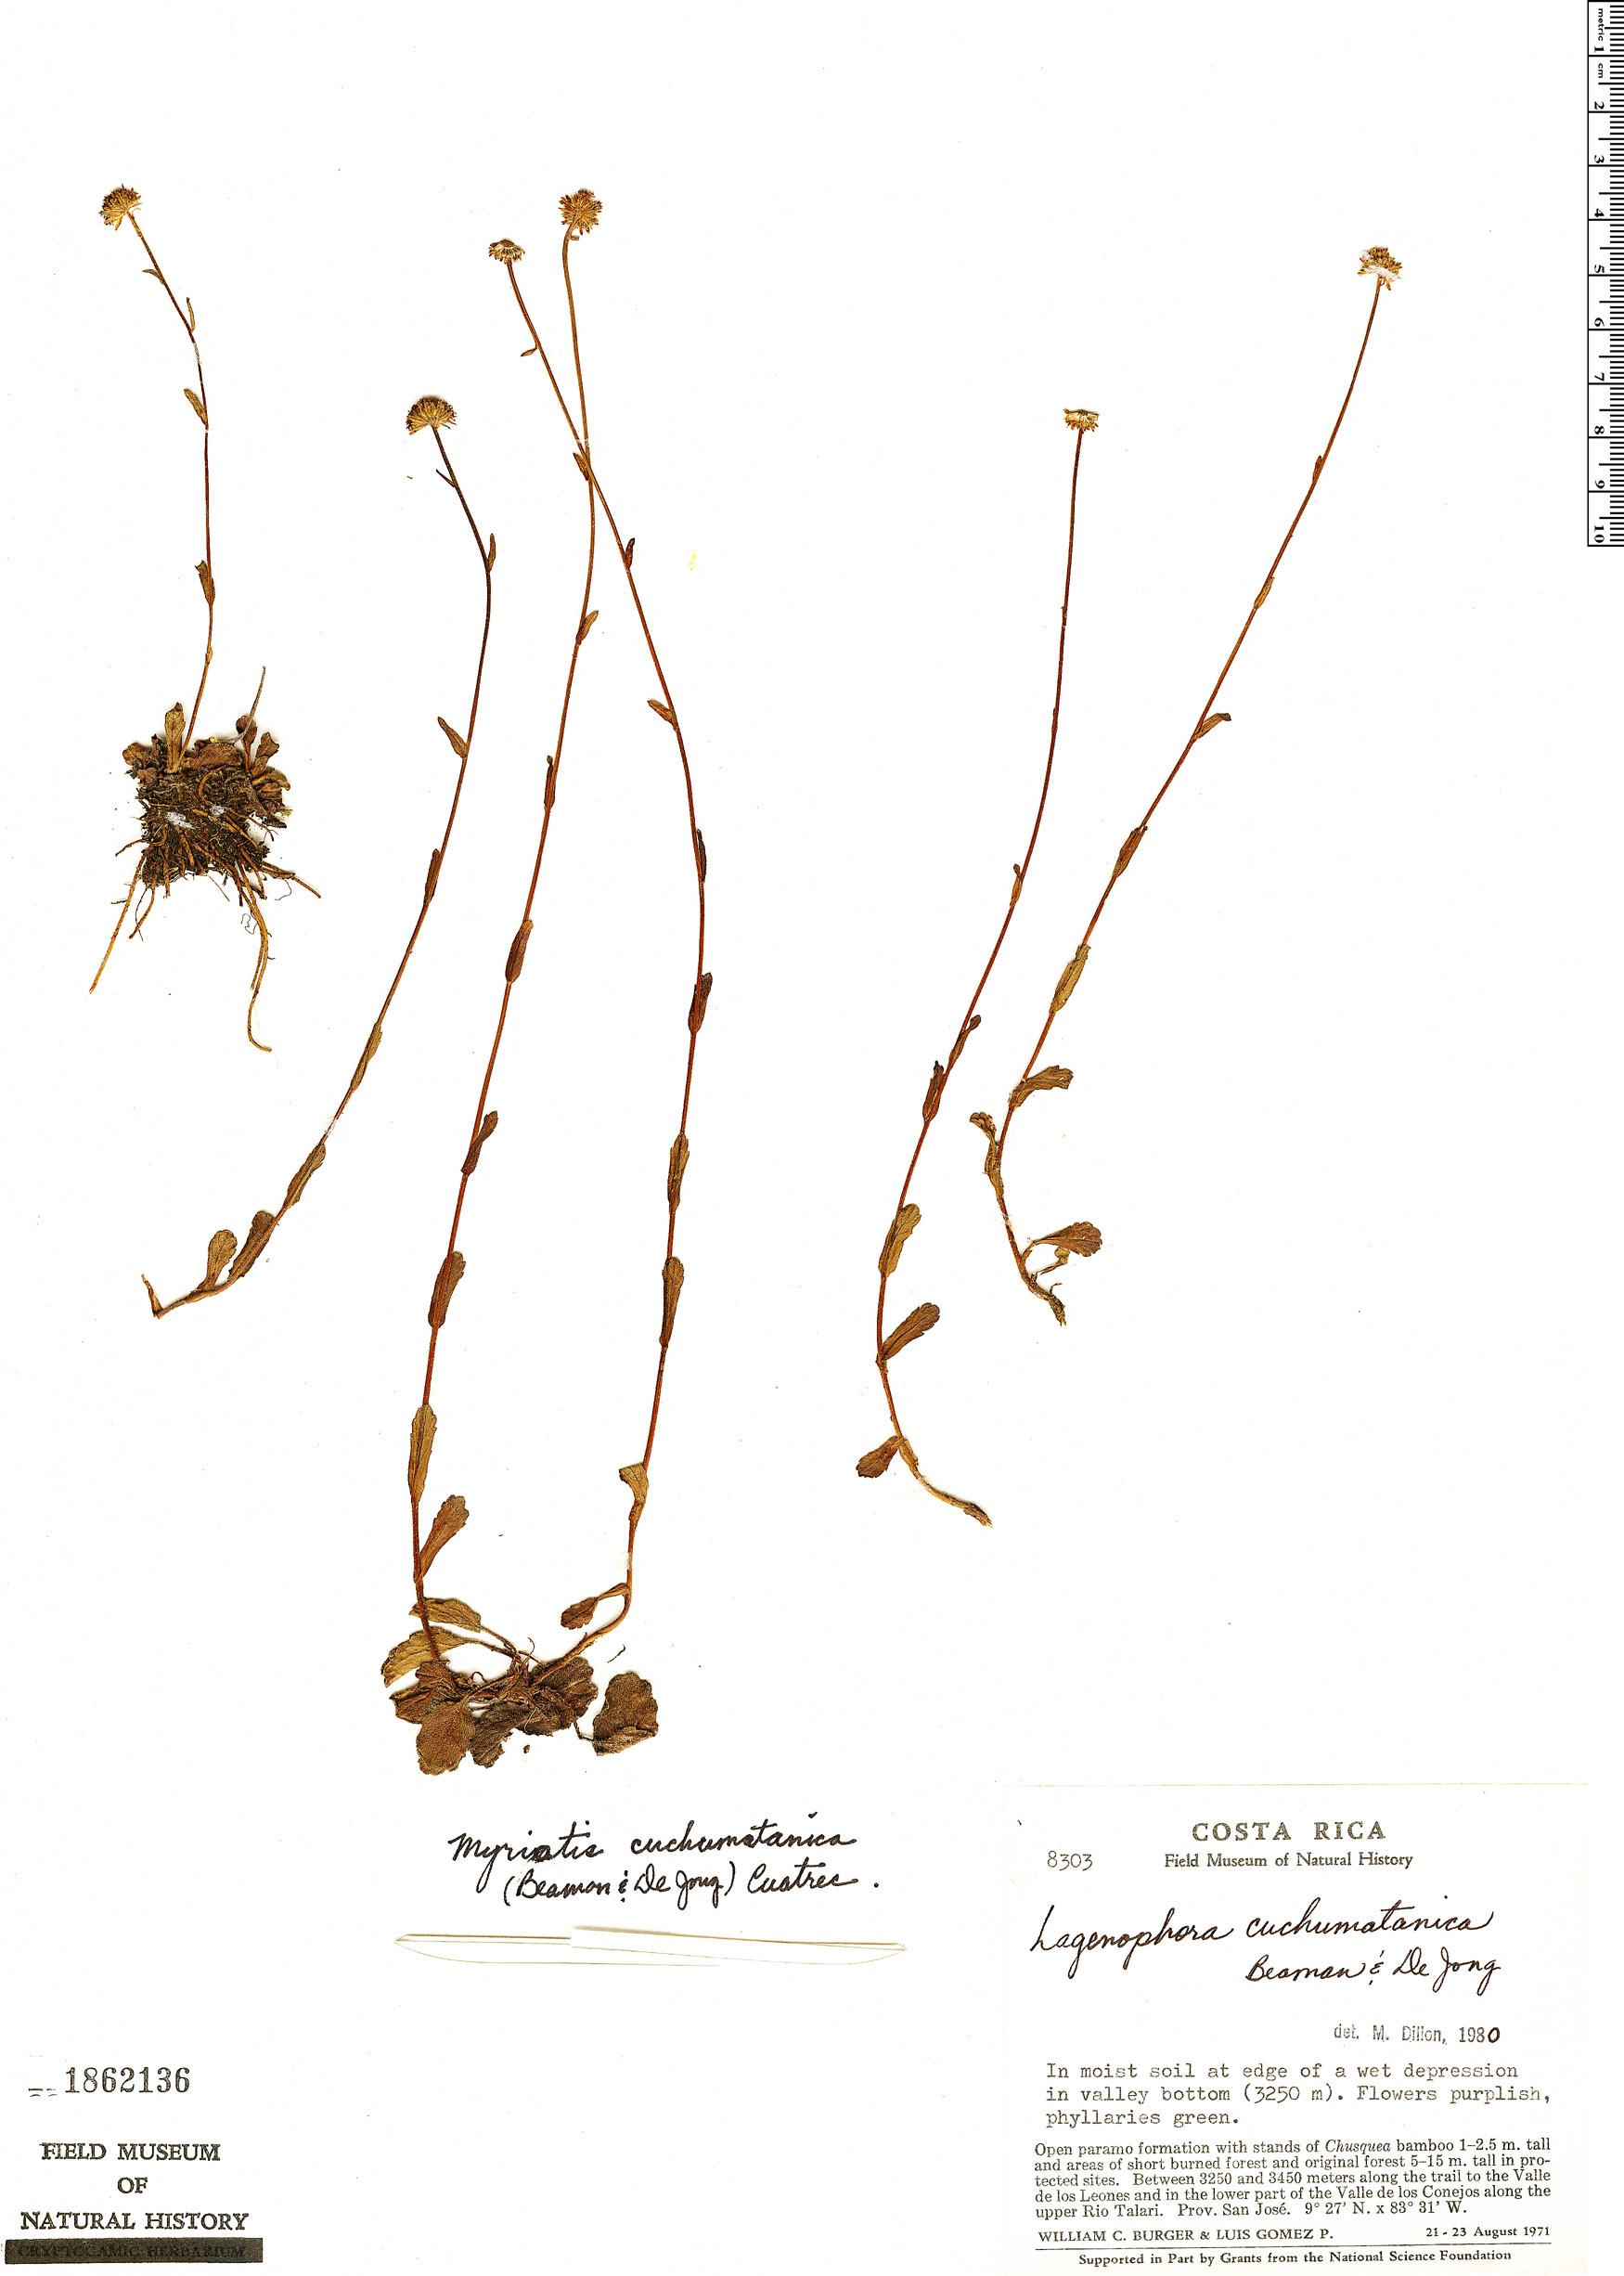 Specimen: Myriactis cuchumatanica